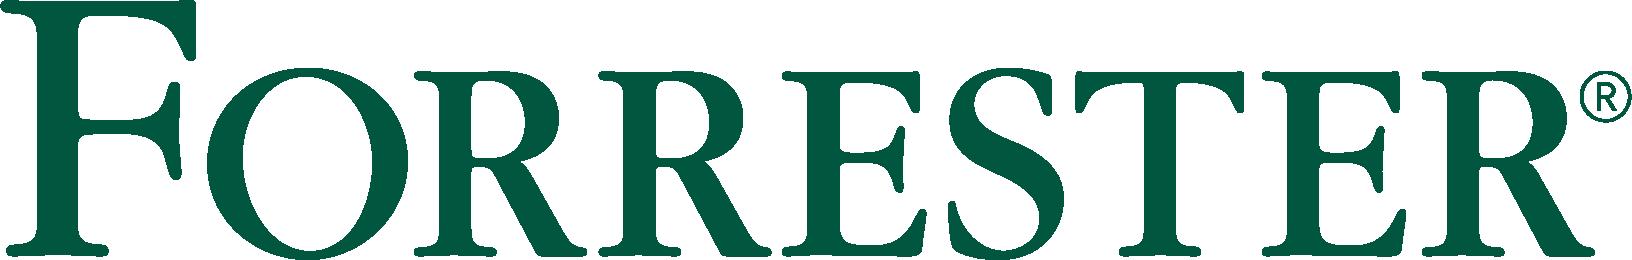 Logotipo da Forrester